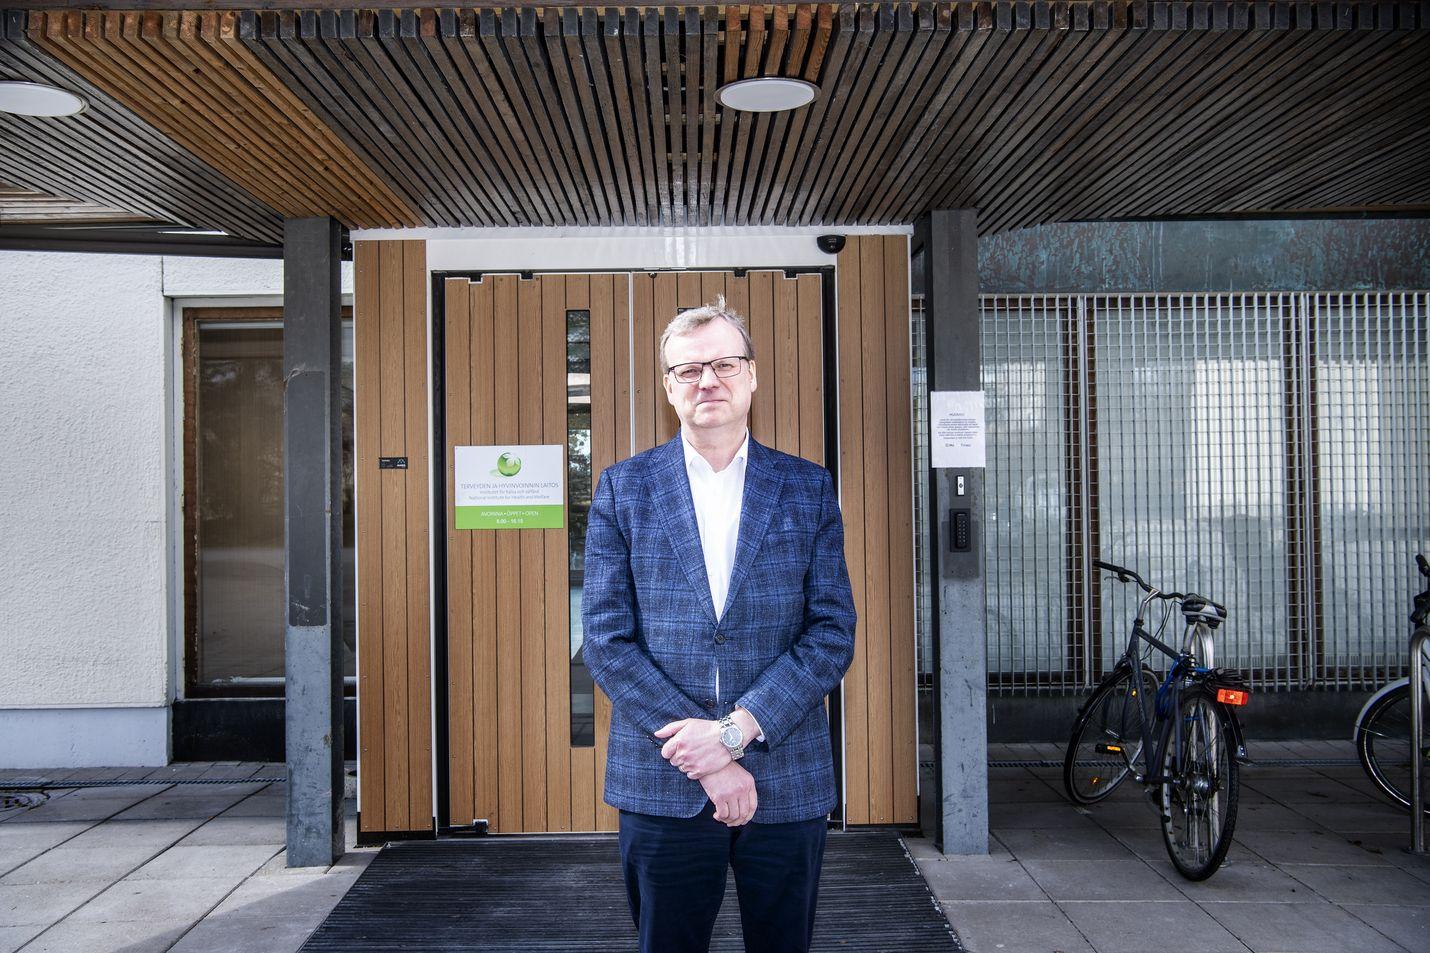 THL:n pääjohtaja Markku Tervahauta on optimistinen. Tartuntojen ja hoitoa tarvitsevien määrä voi kääntyä laskuun muutamissa viikoissa, jos epidemia kehittyy kuten Norjassa.